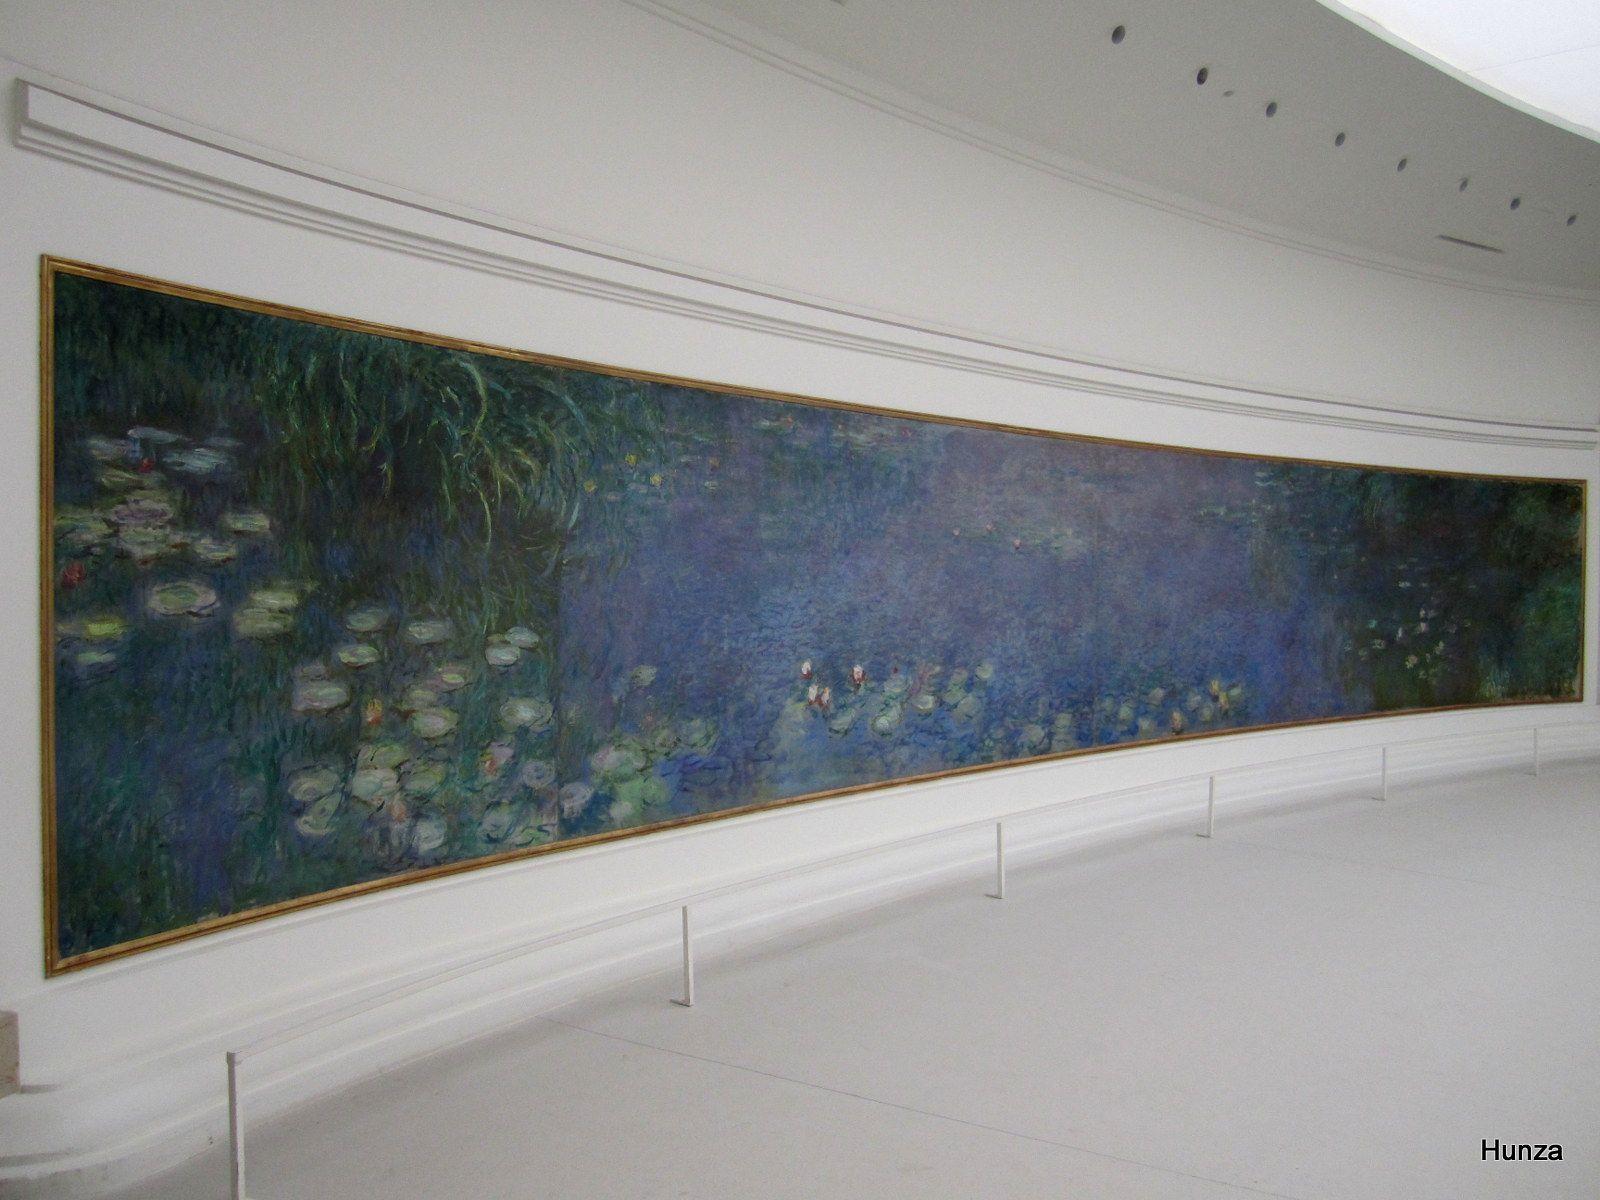 Paris, les Nymphéas au musée de l'Orangerie